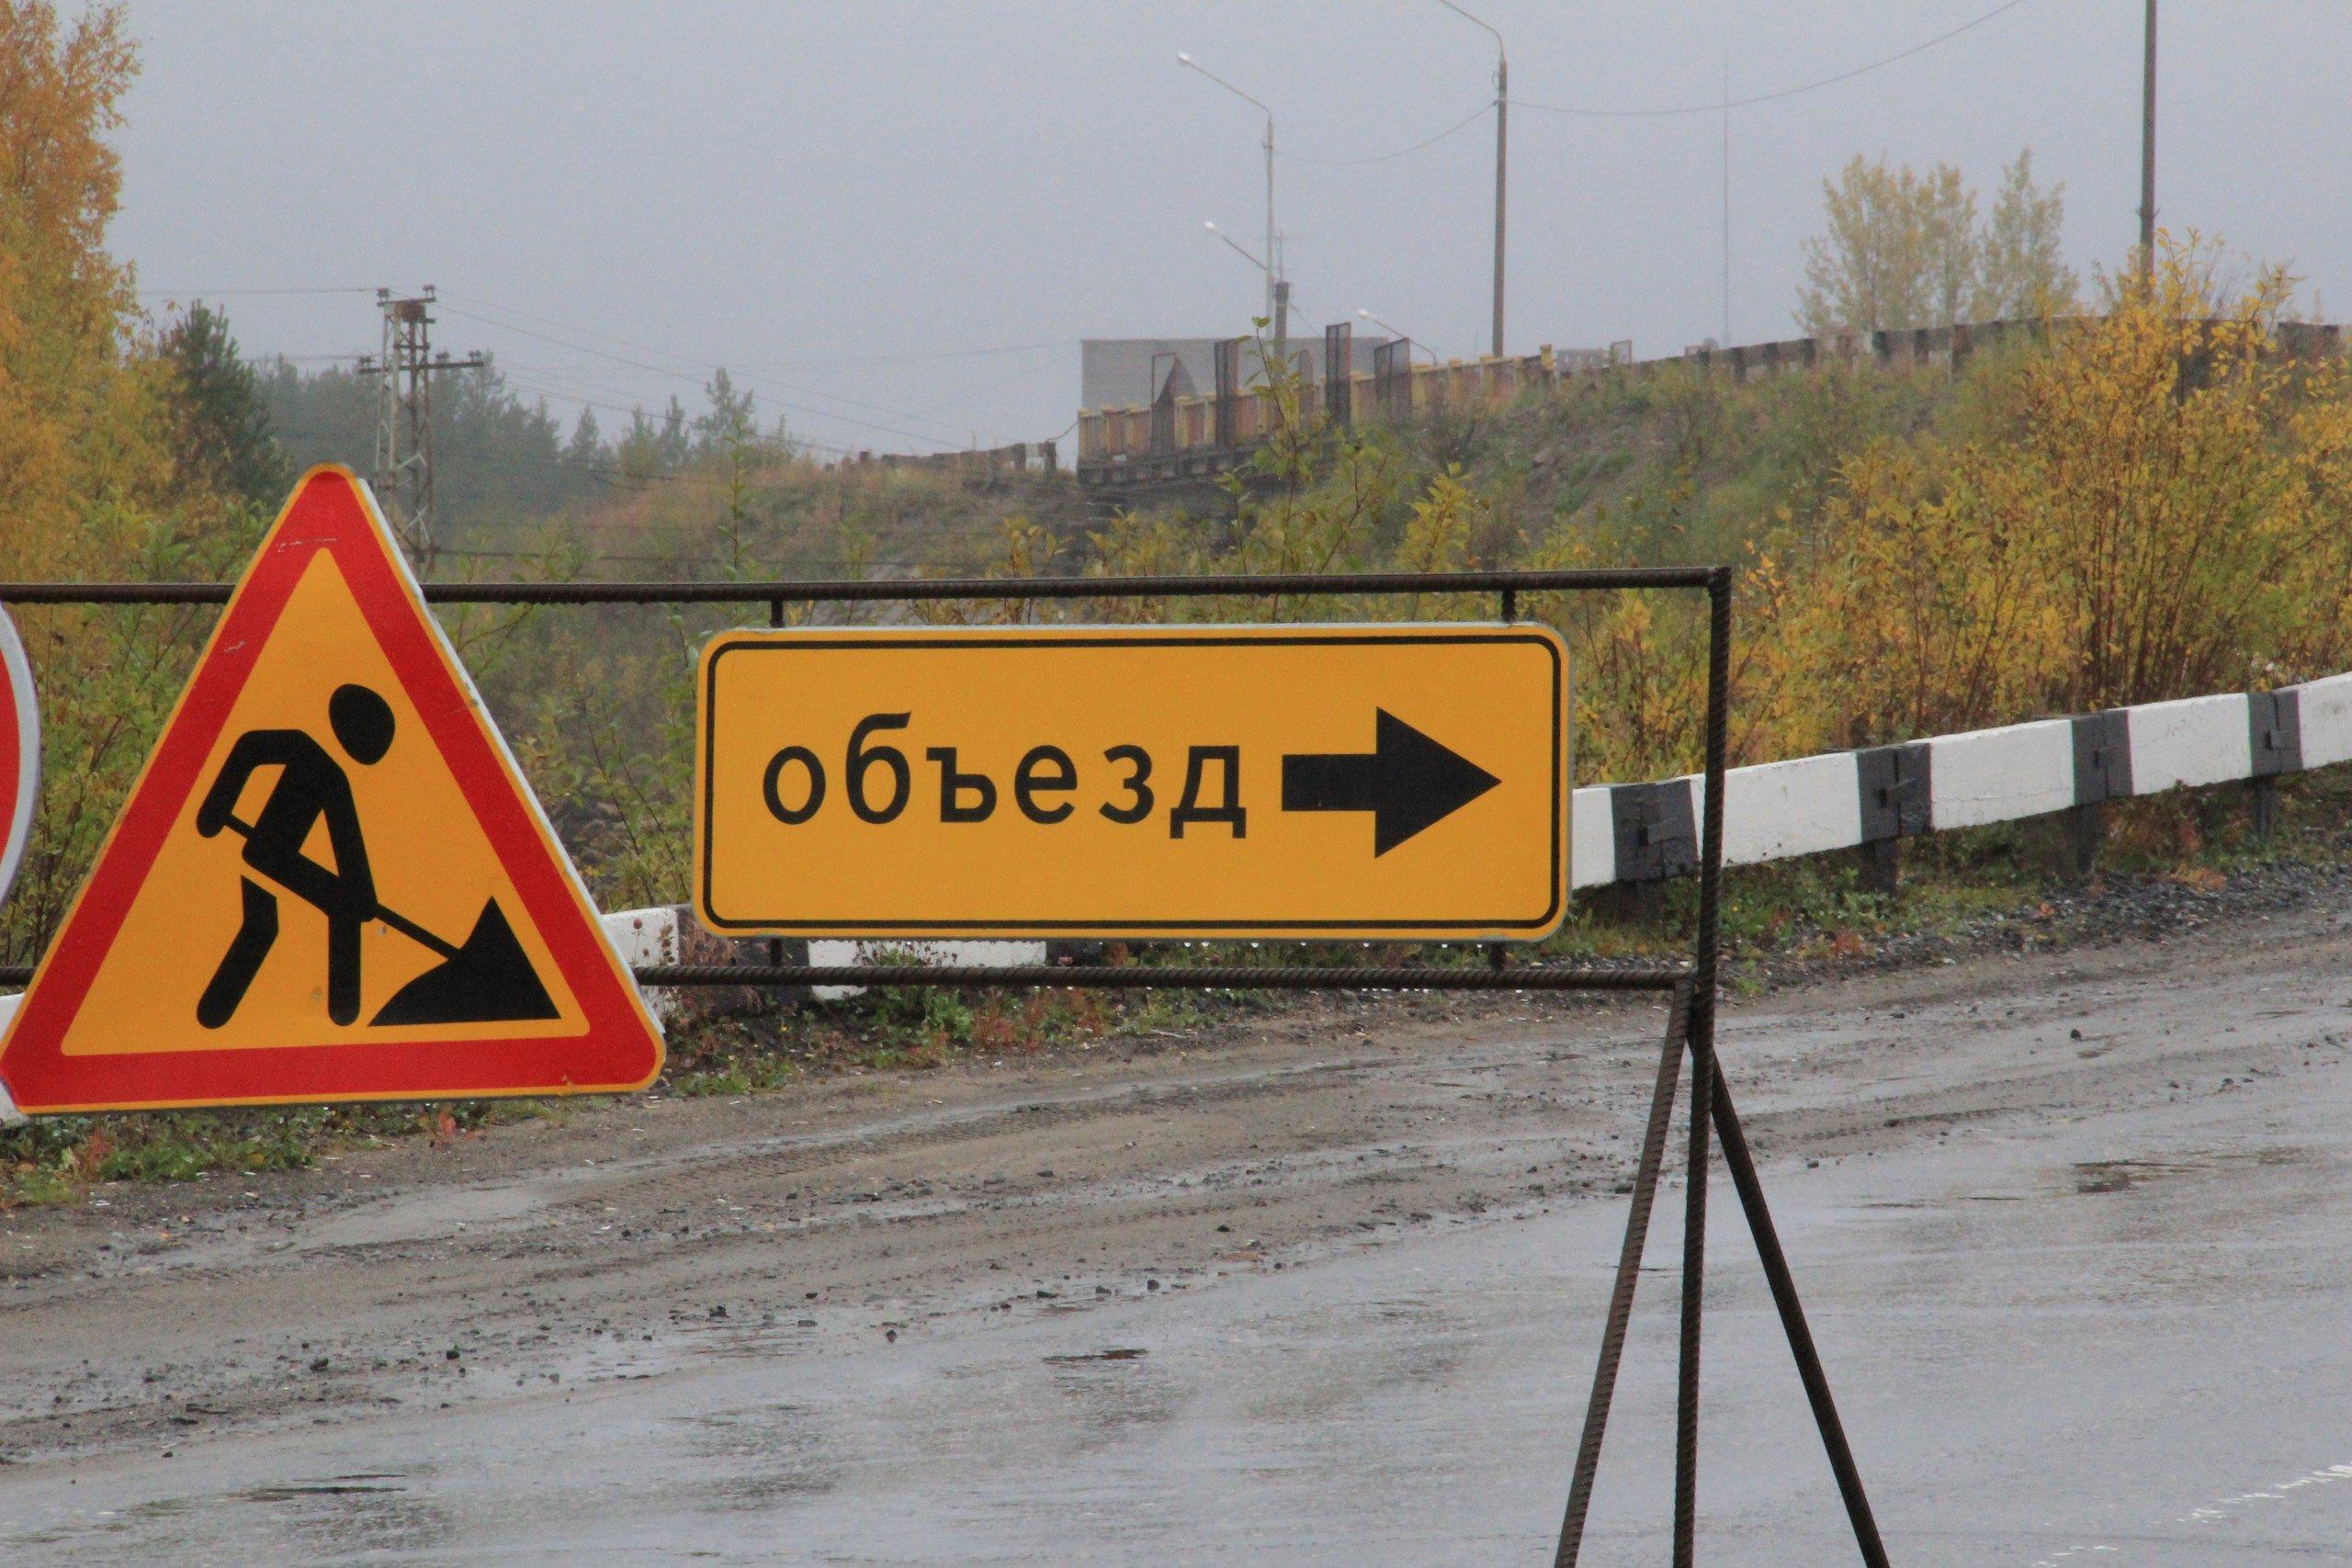 Пробки на въезде в Воронеж не исчезнут до конца года